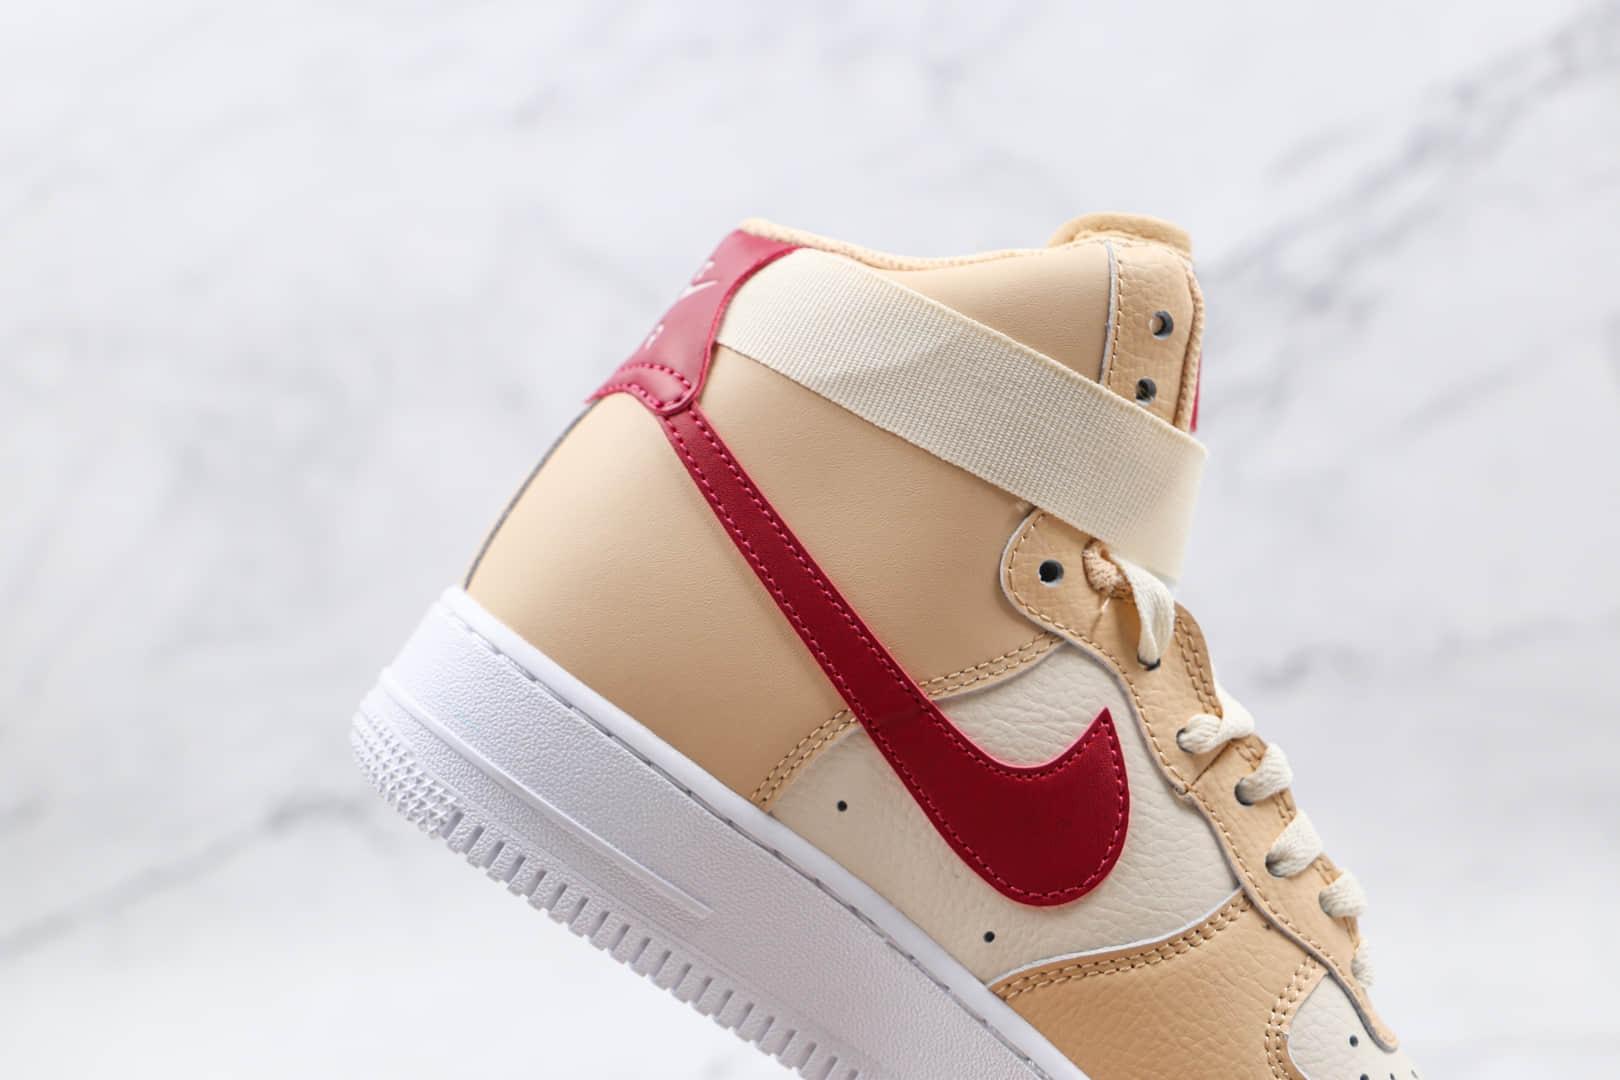 耐克Nike Air Force 1 High'07纯原版本高帮空军一号米白红色板鞋原盒原标 货号:334031-200